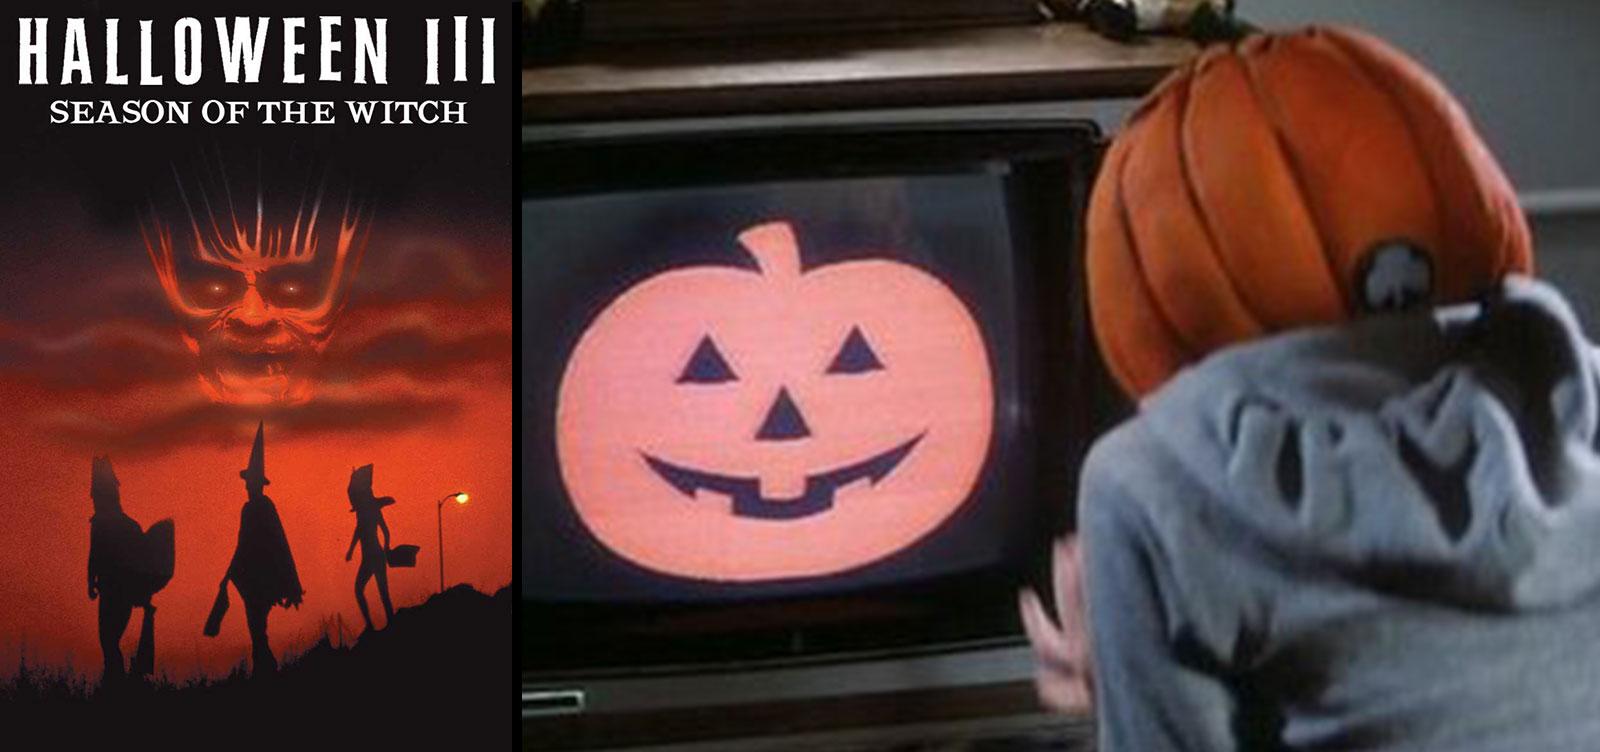 Halloween3_Black_Sheep_Sequels_Images_V01